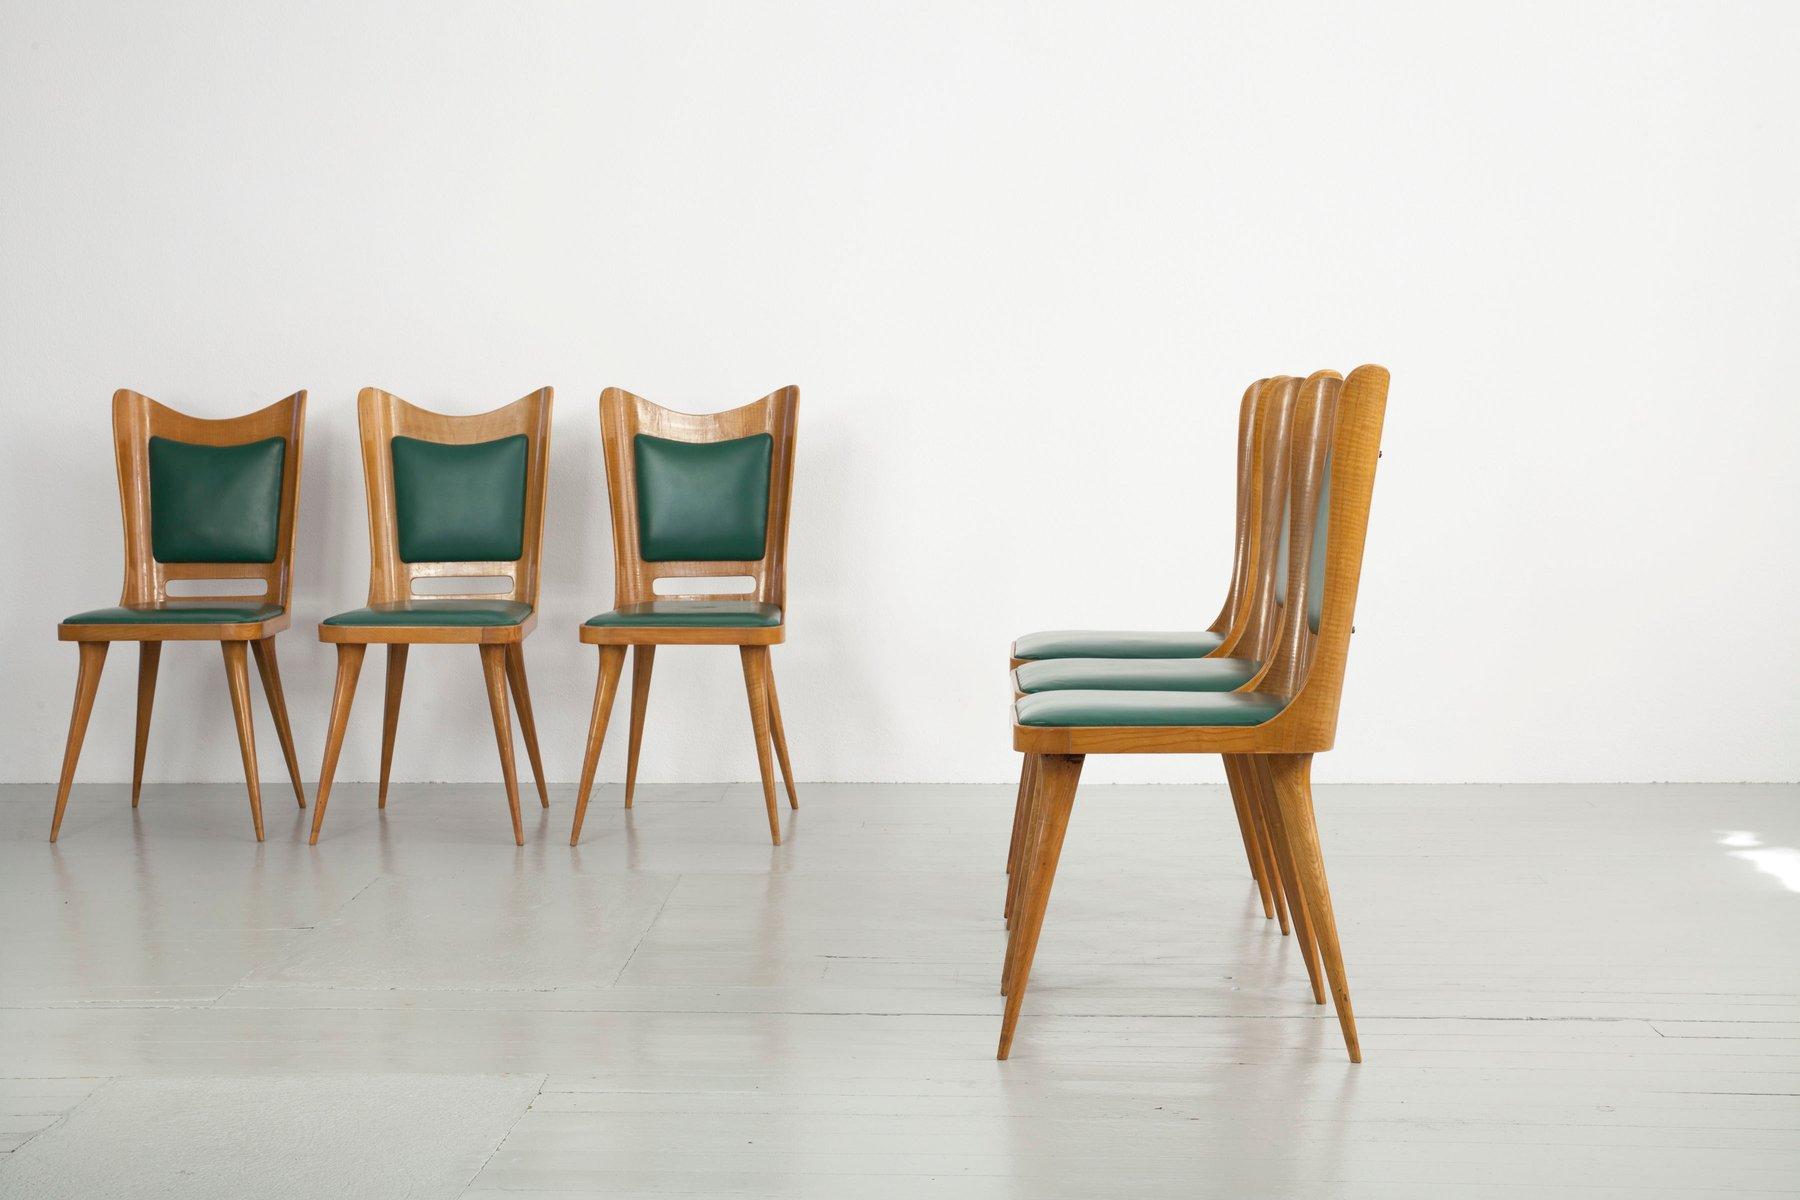 Esszimmerstühle 6 Set : vintage esszimmerst hle 6er set bei pamono kaufen ~ Orissabook.com Haus und Dekorationen